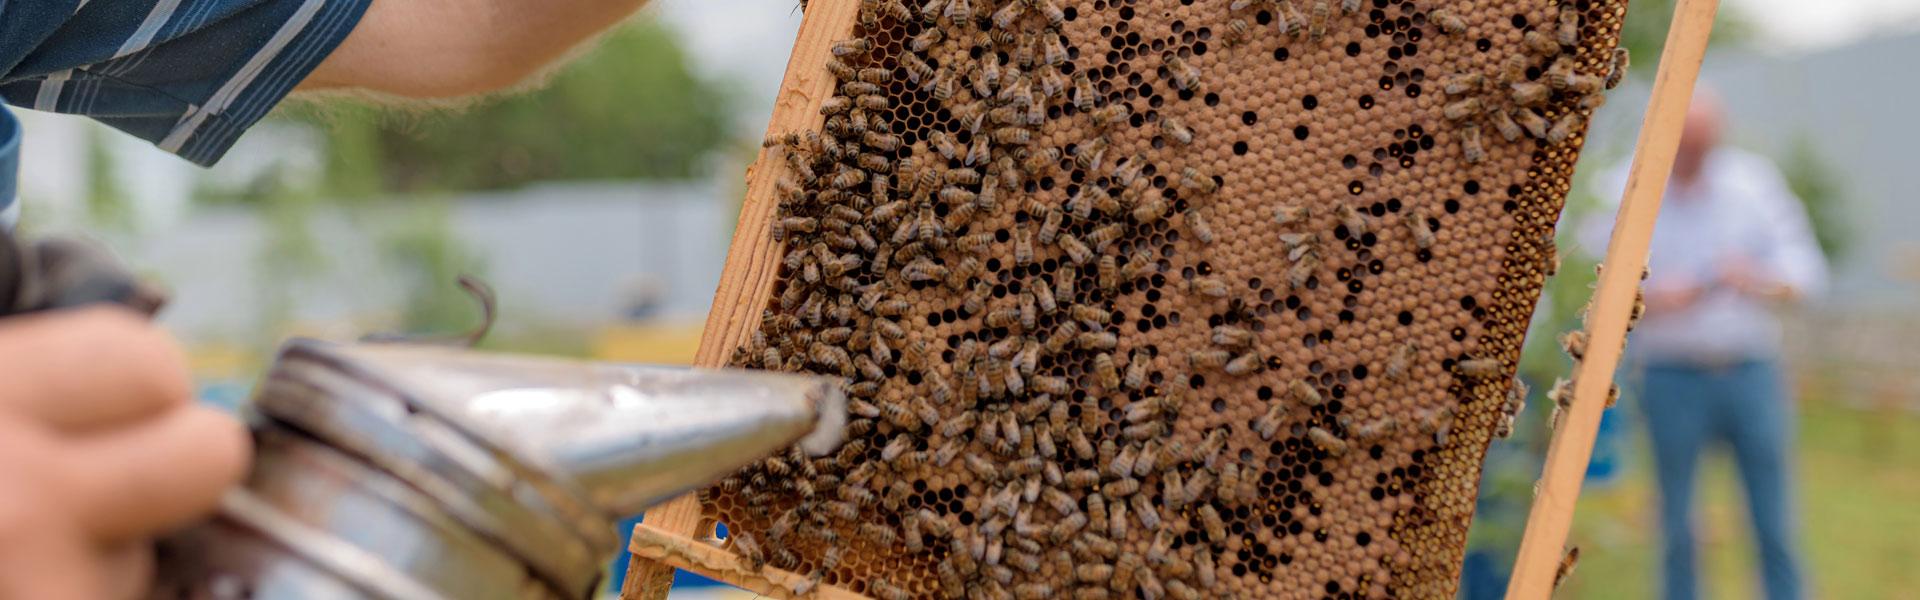 Лечение пчел от паразитов — что делать?